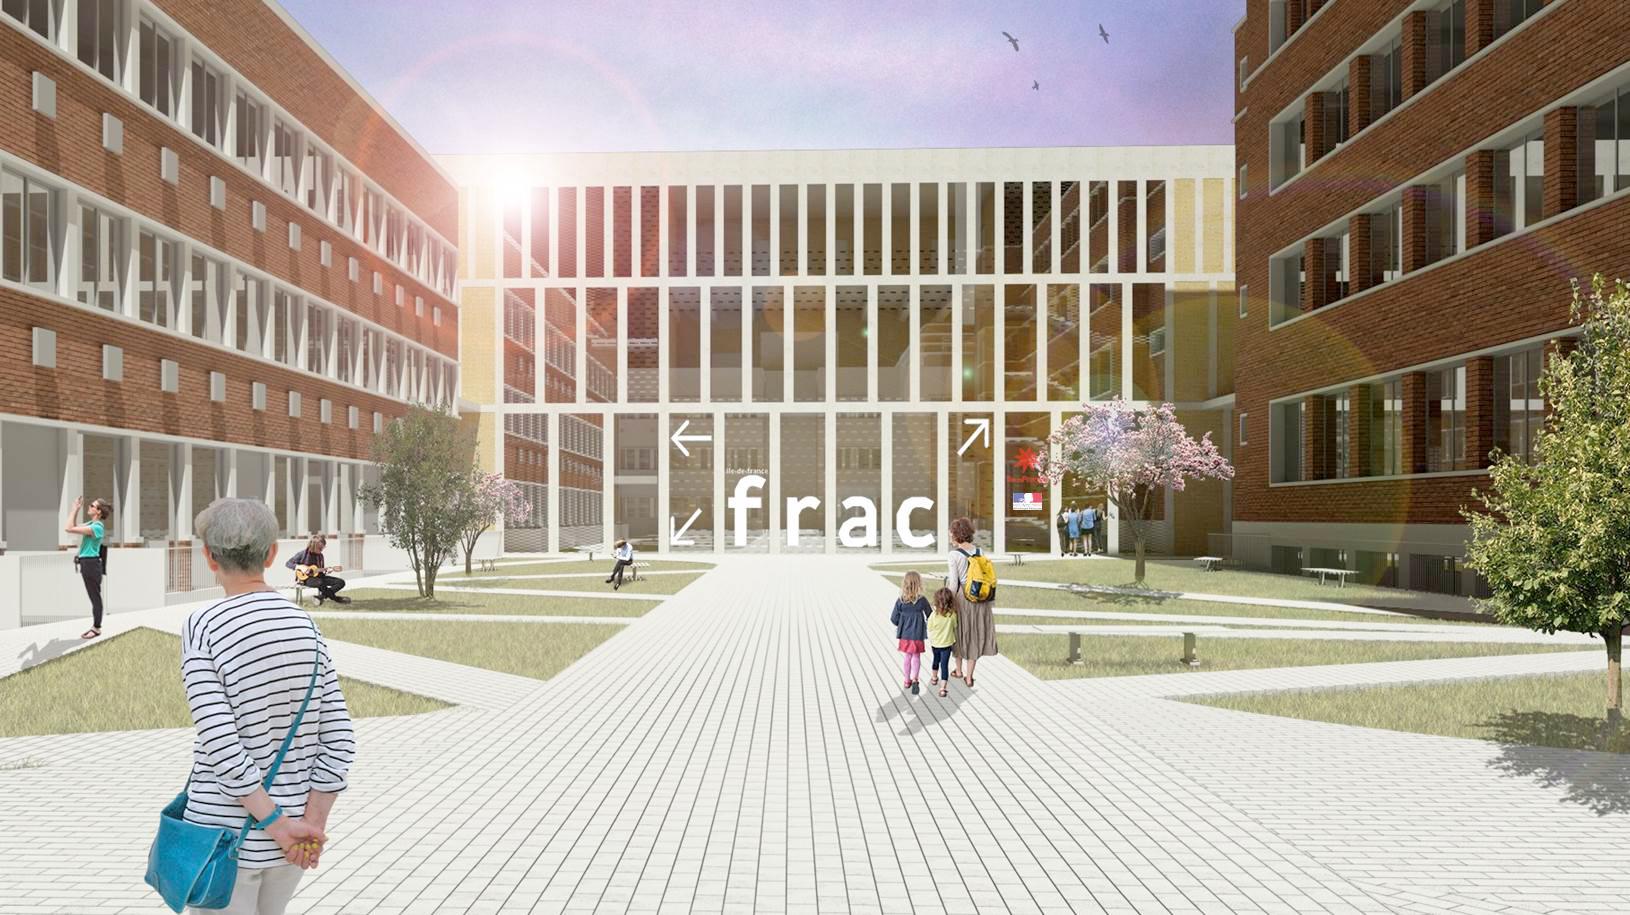 La Région Ile-de-France se dote d'un nouveau bâtiment destiné à l'art